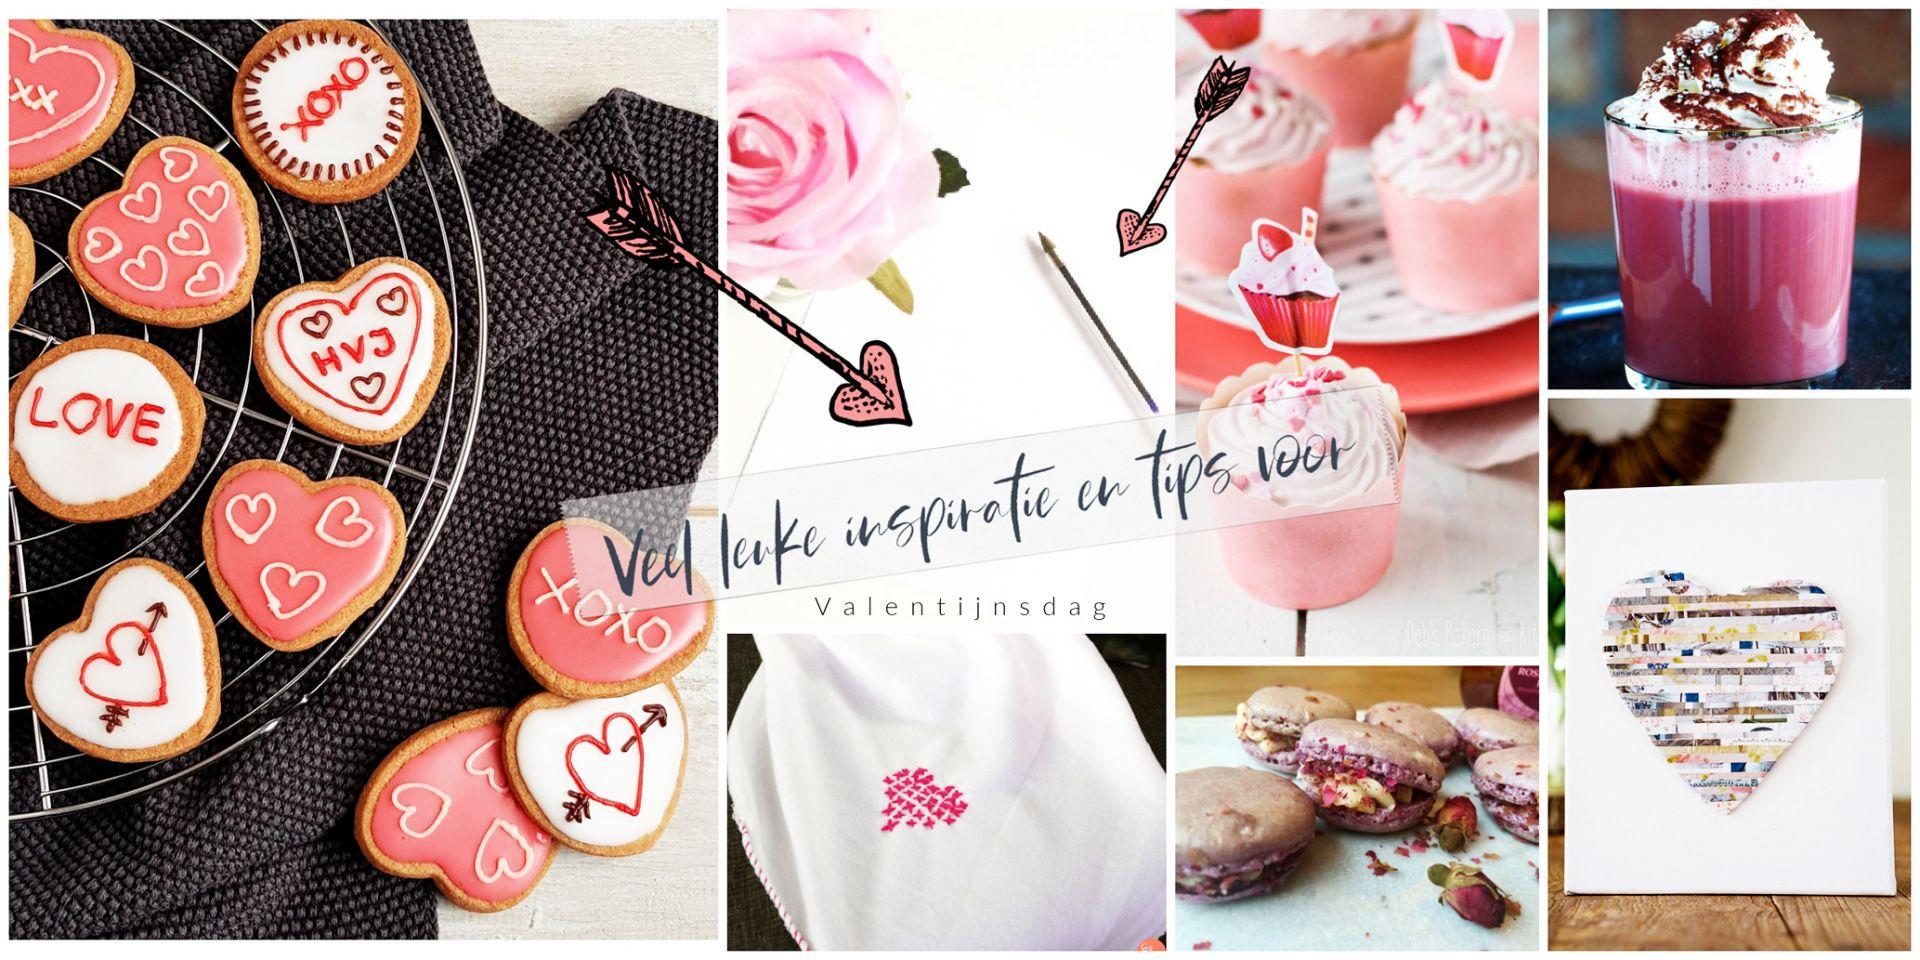 Veel leuke inspiratie en tips voor Valentijnsdag - Verzameling